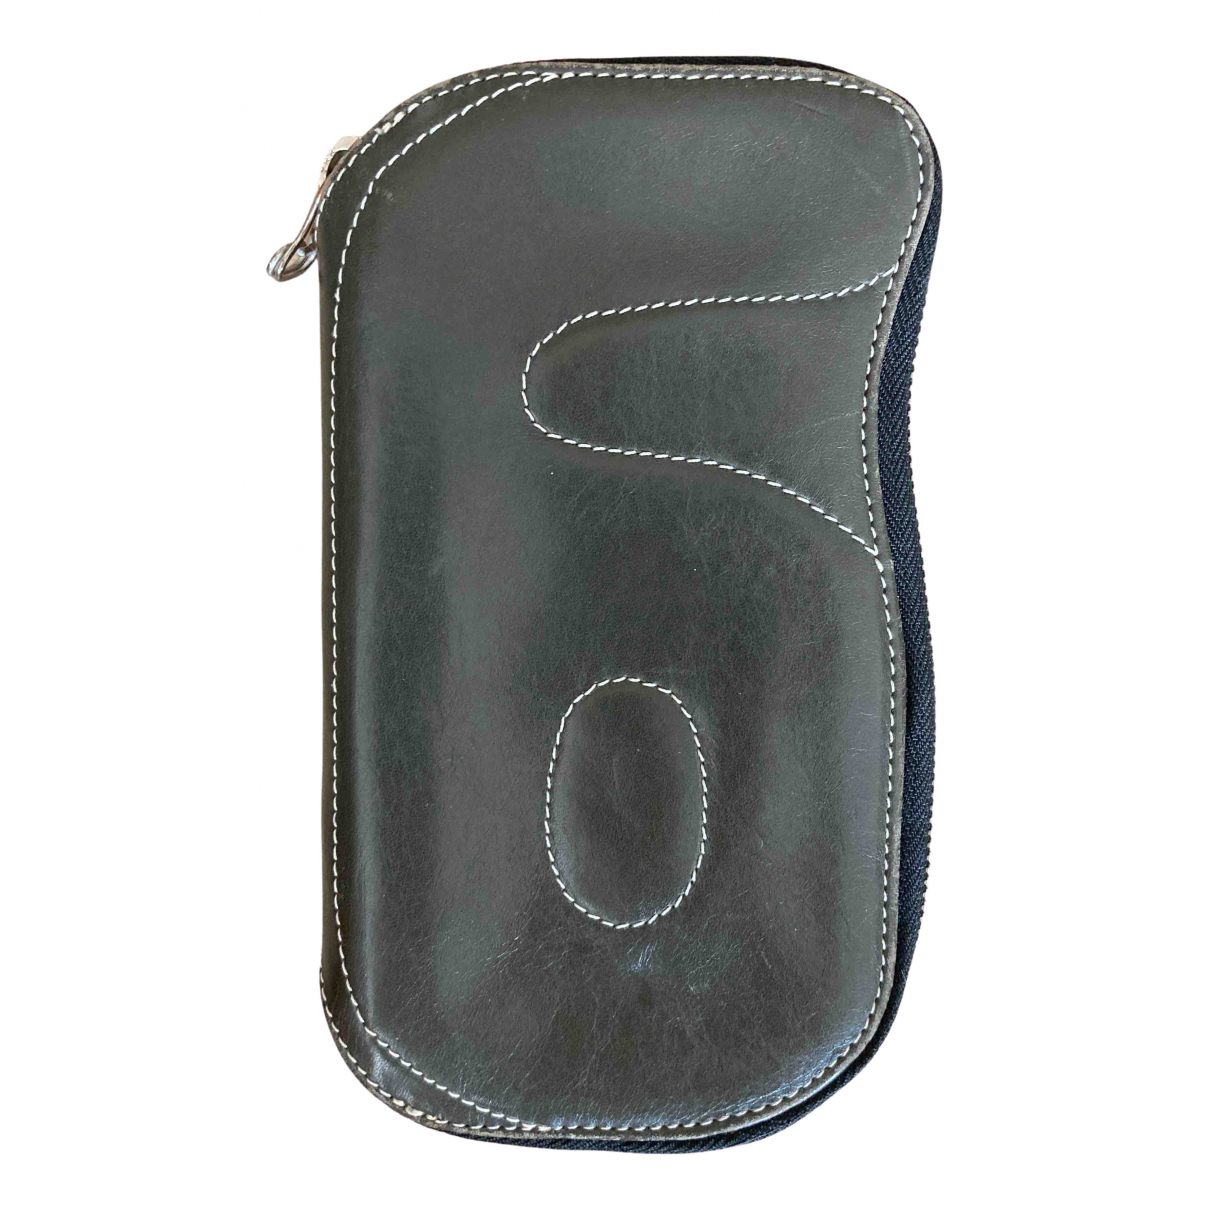 Mm6 - Portefeuille   pour femme en cuir - kaki